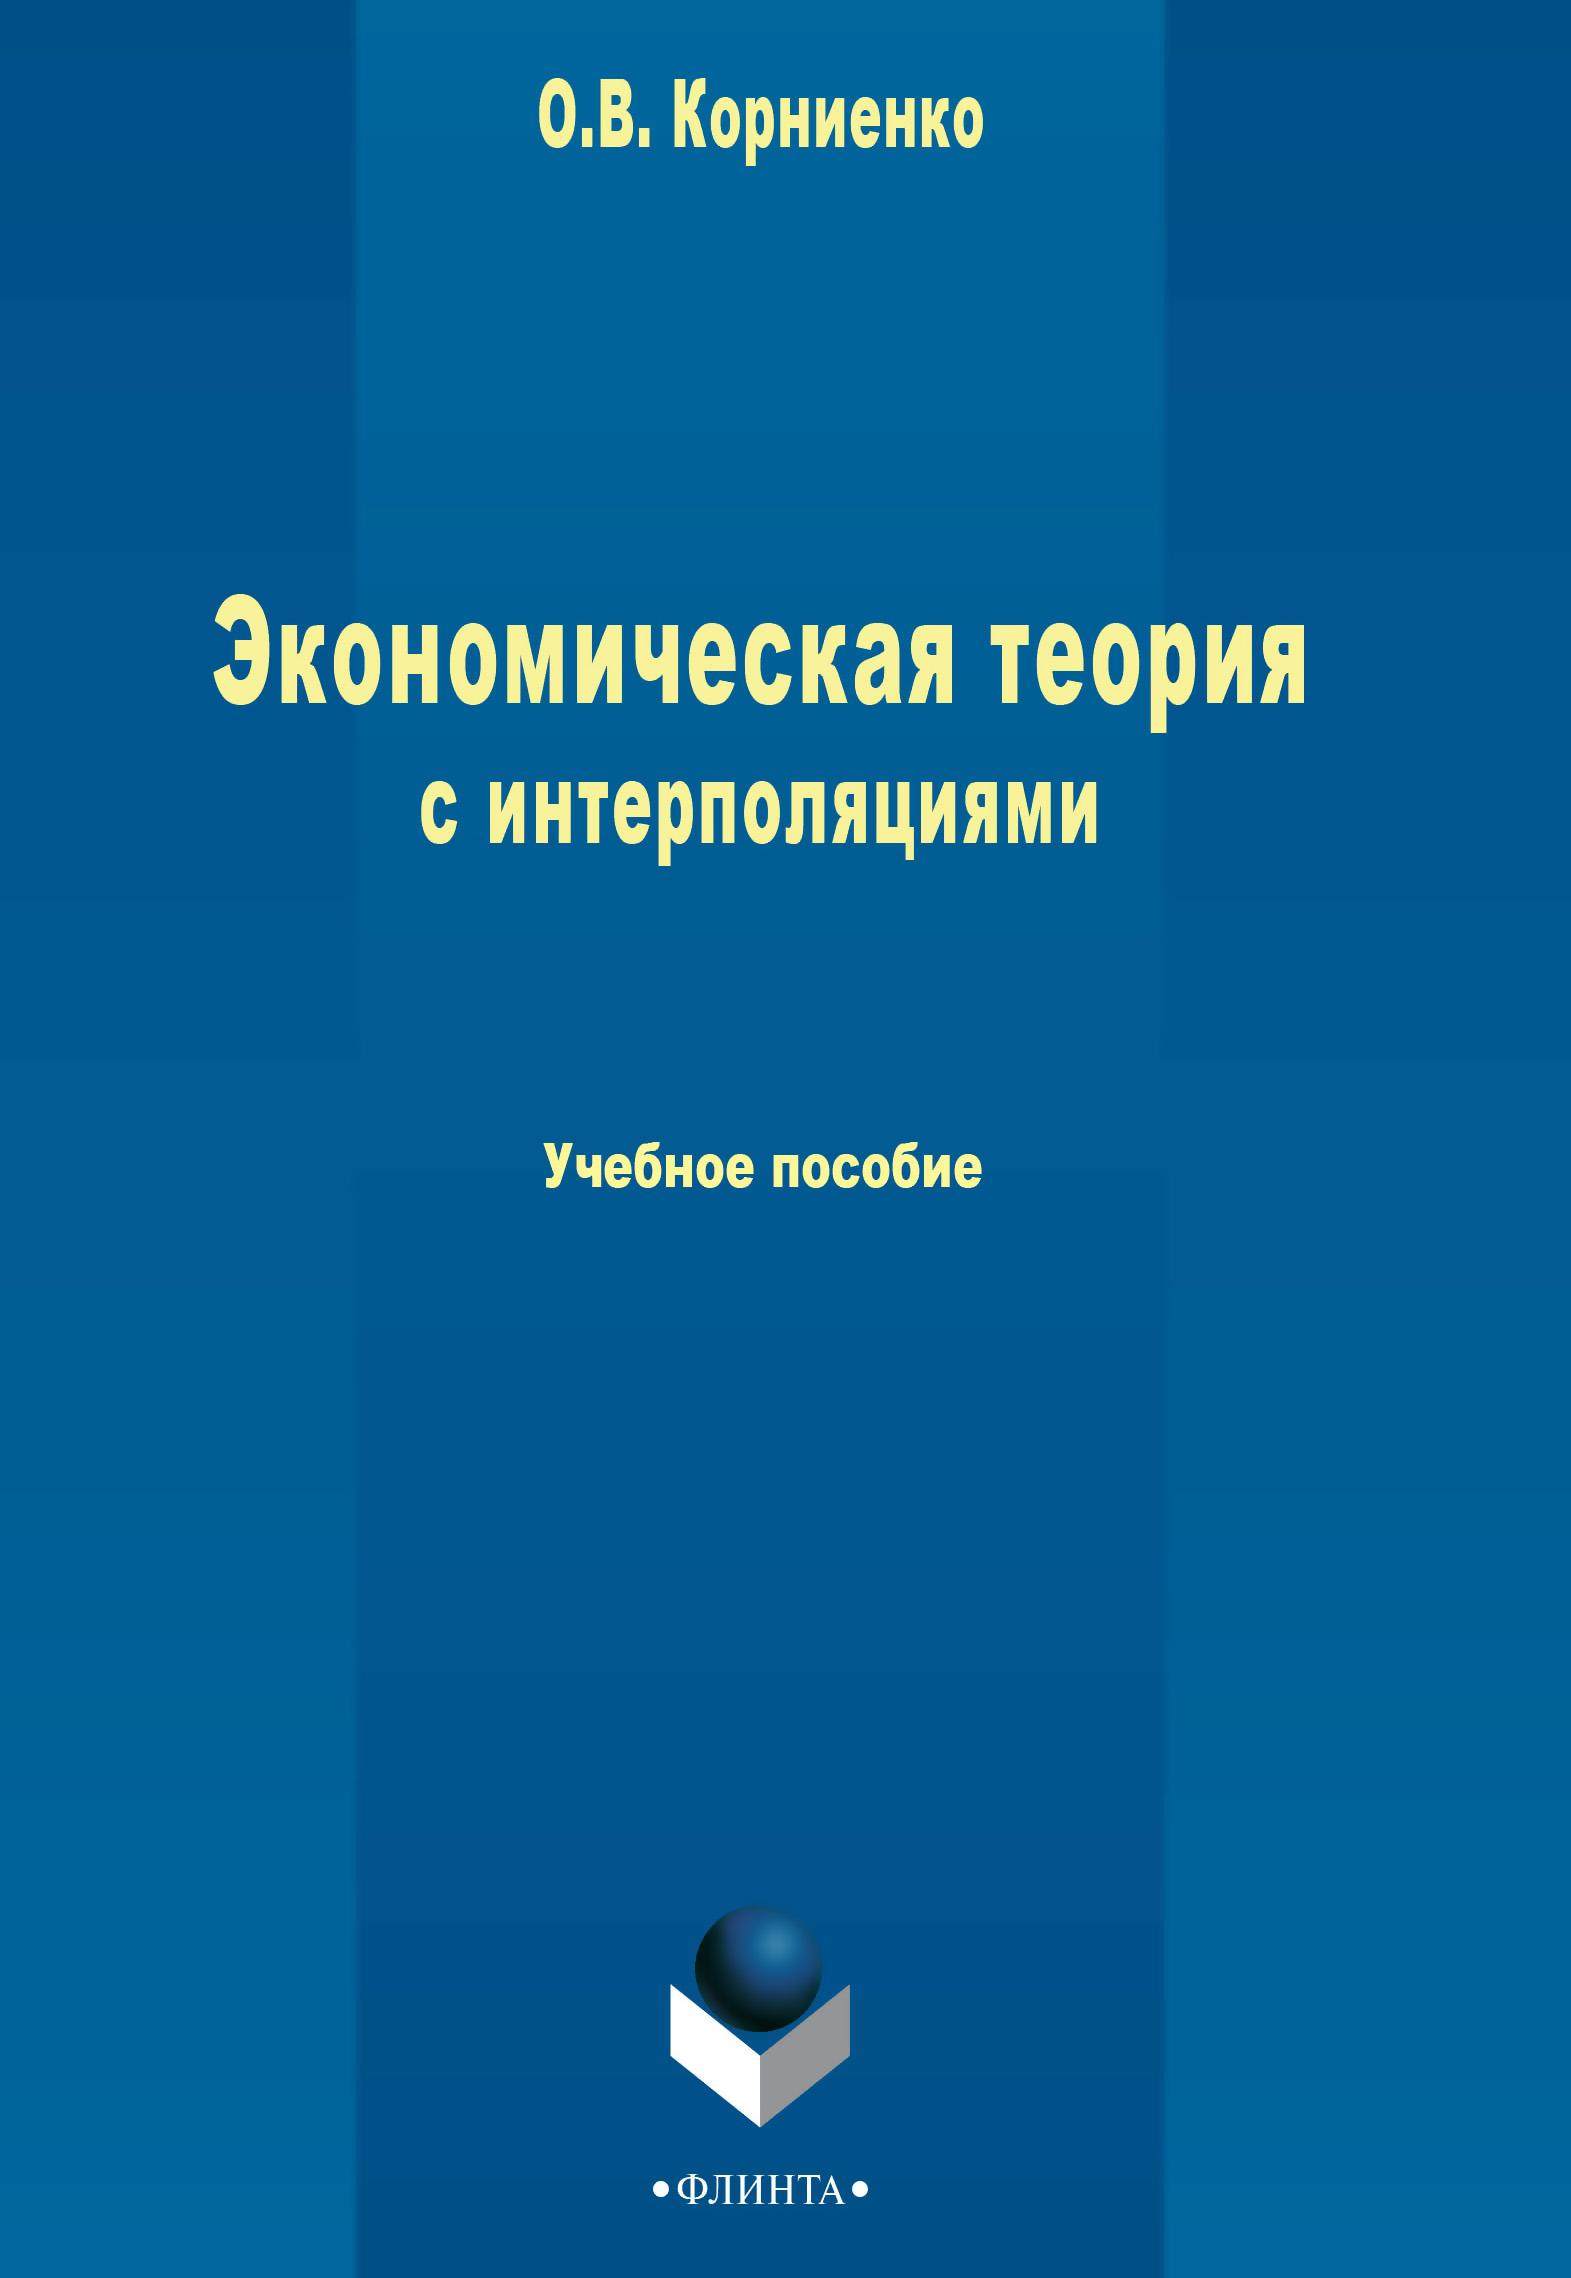 Экономическая теория с интерполяциями. Учебное пособие